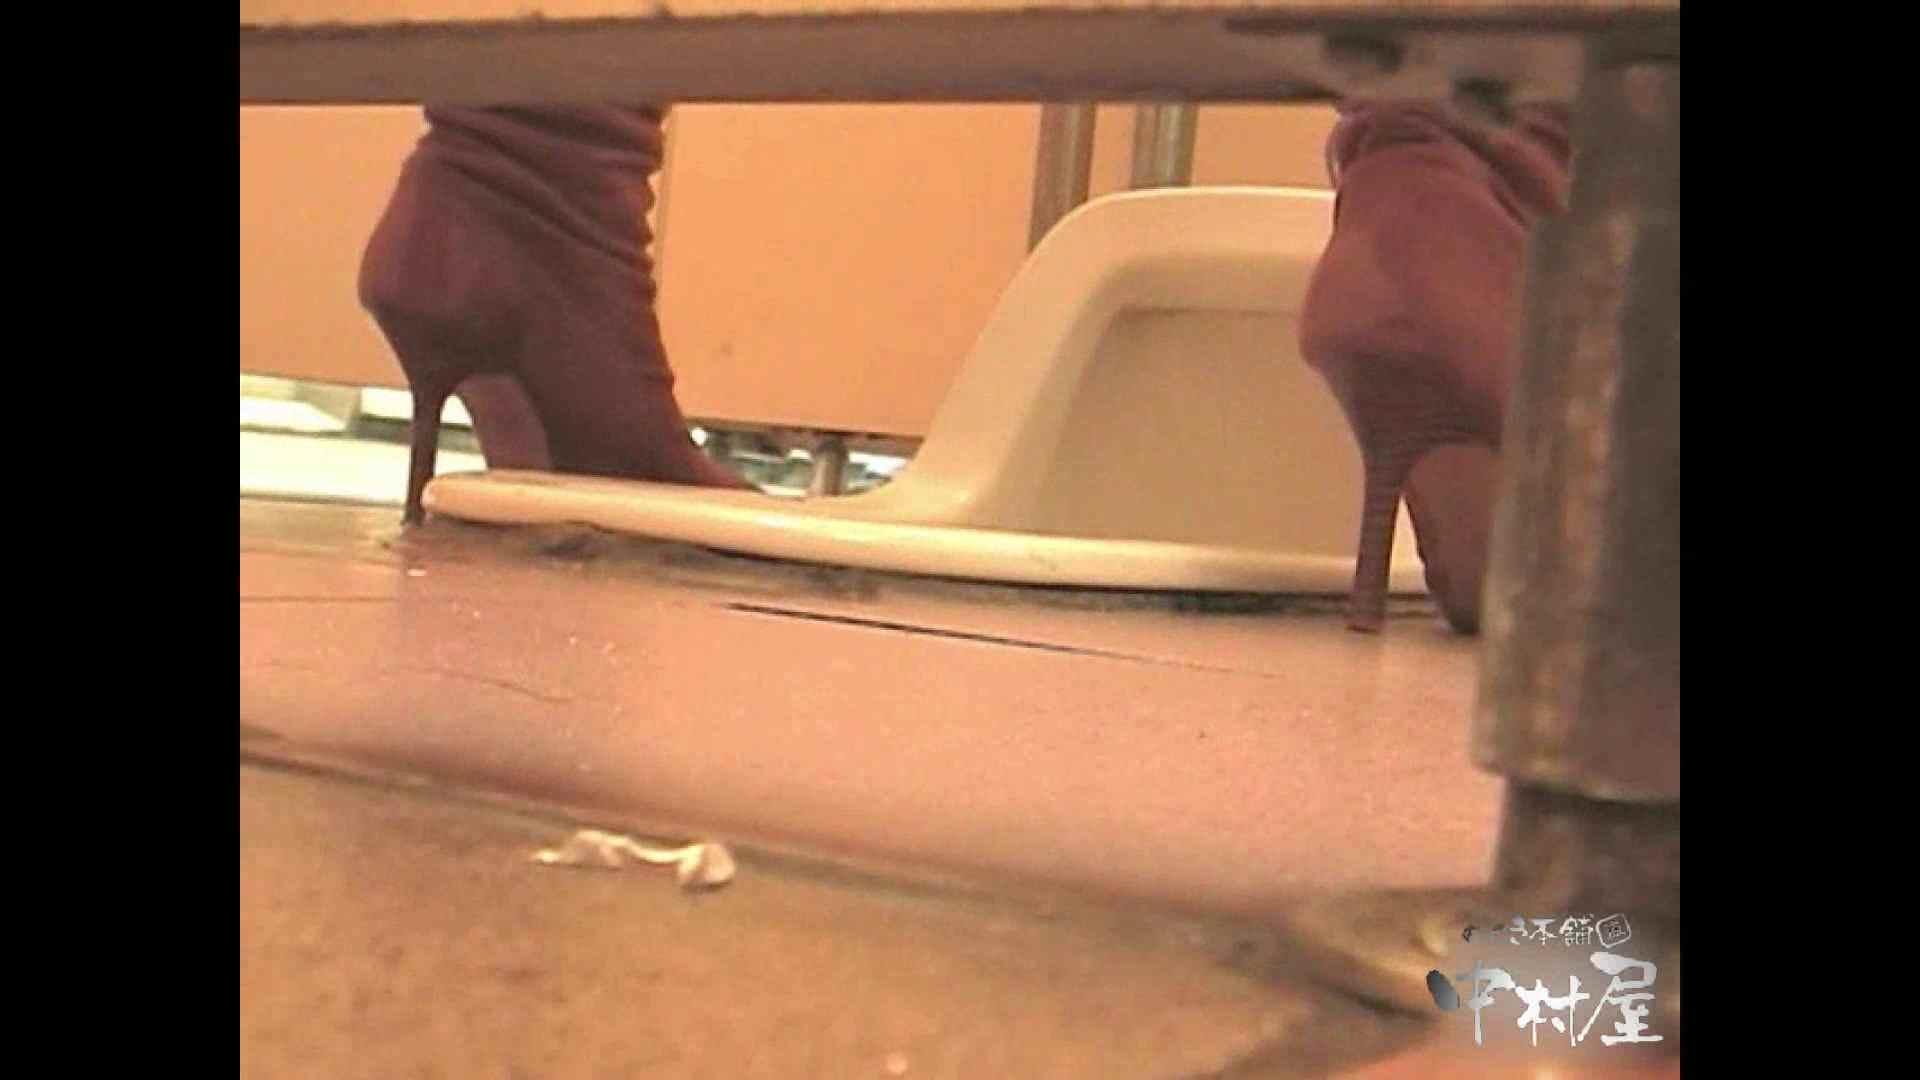 岩手県在住盗撮師盗撮記録vol.01 美しいOLの裸体 オマンコ無修正動画無料 98pic 34